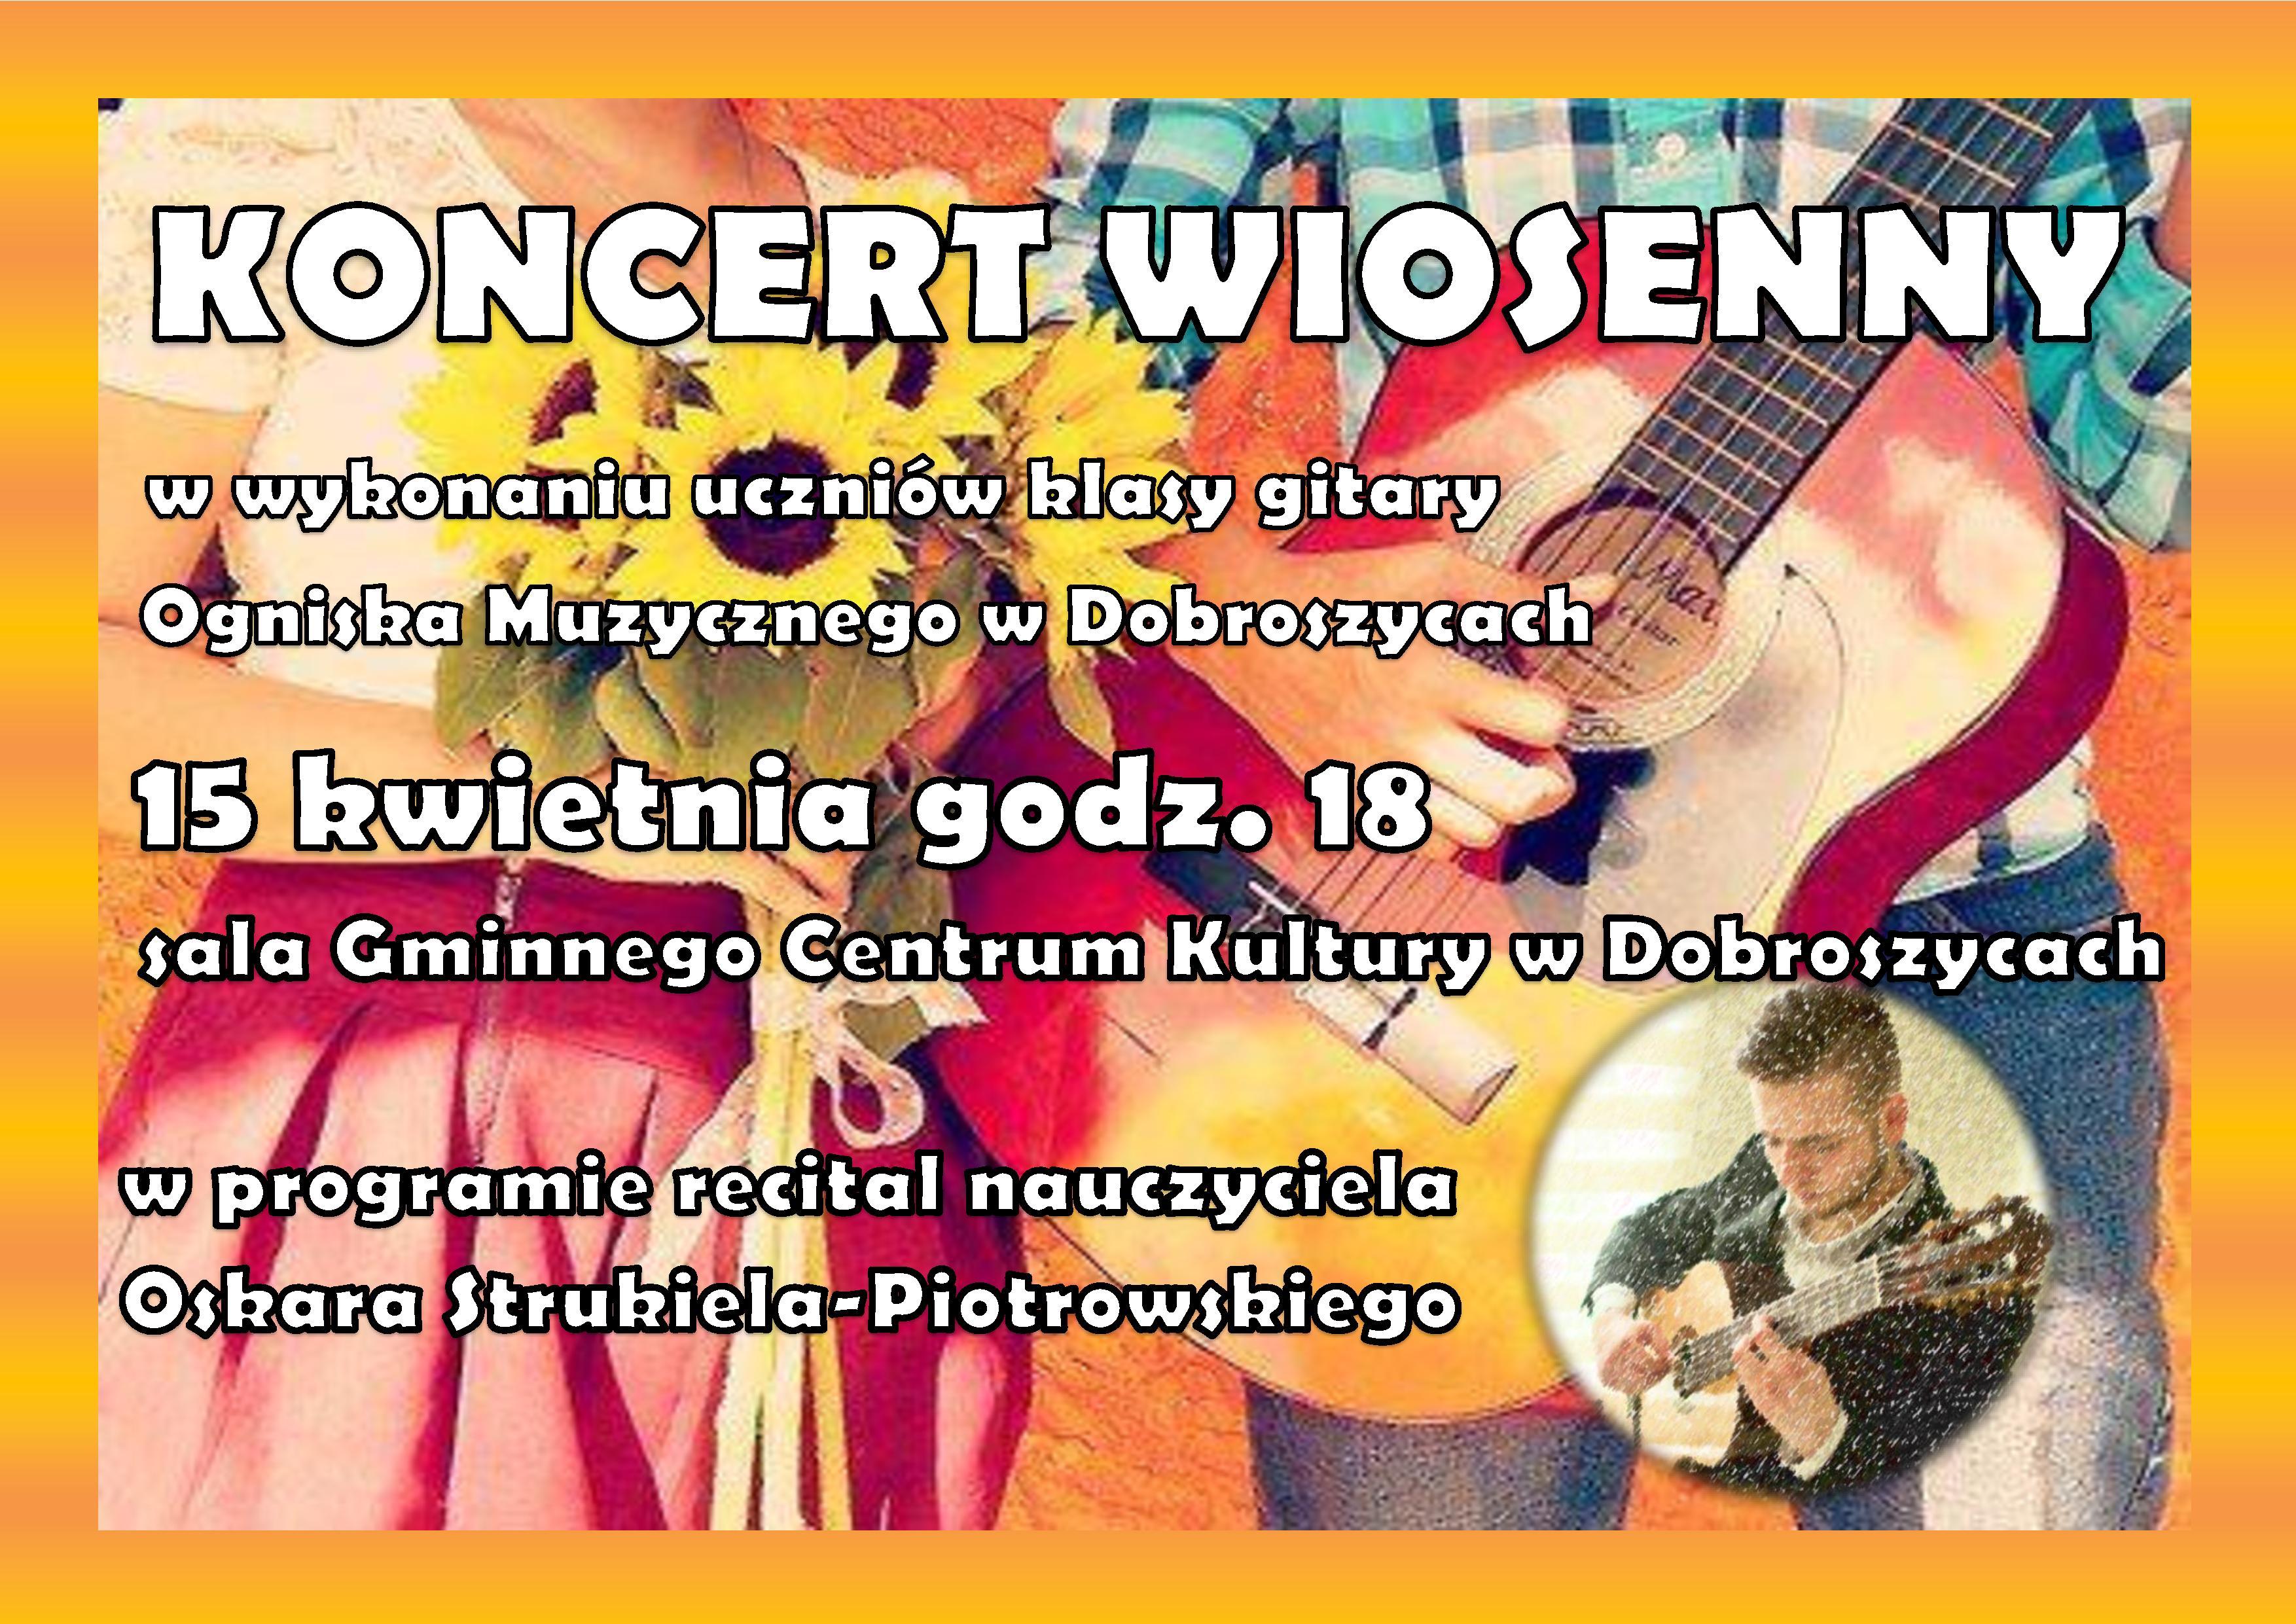 Ognisko-afisz koncert wiosenny-page-001